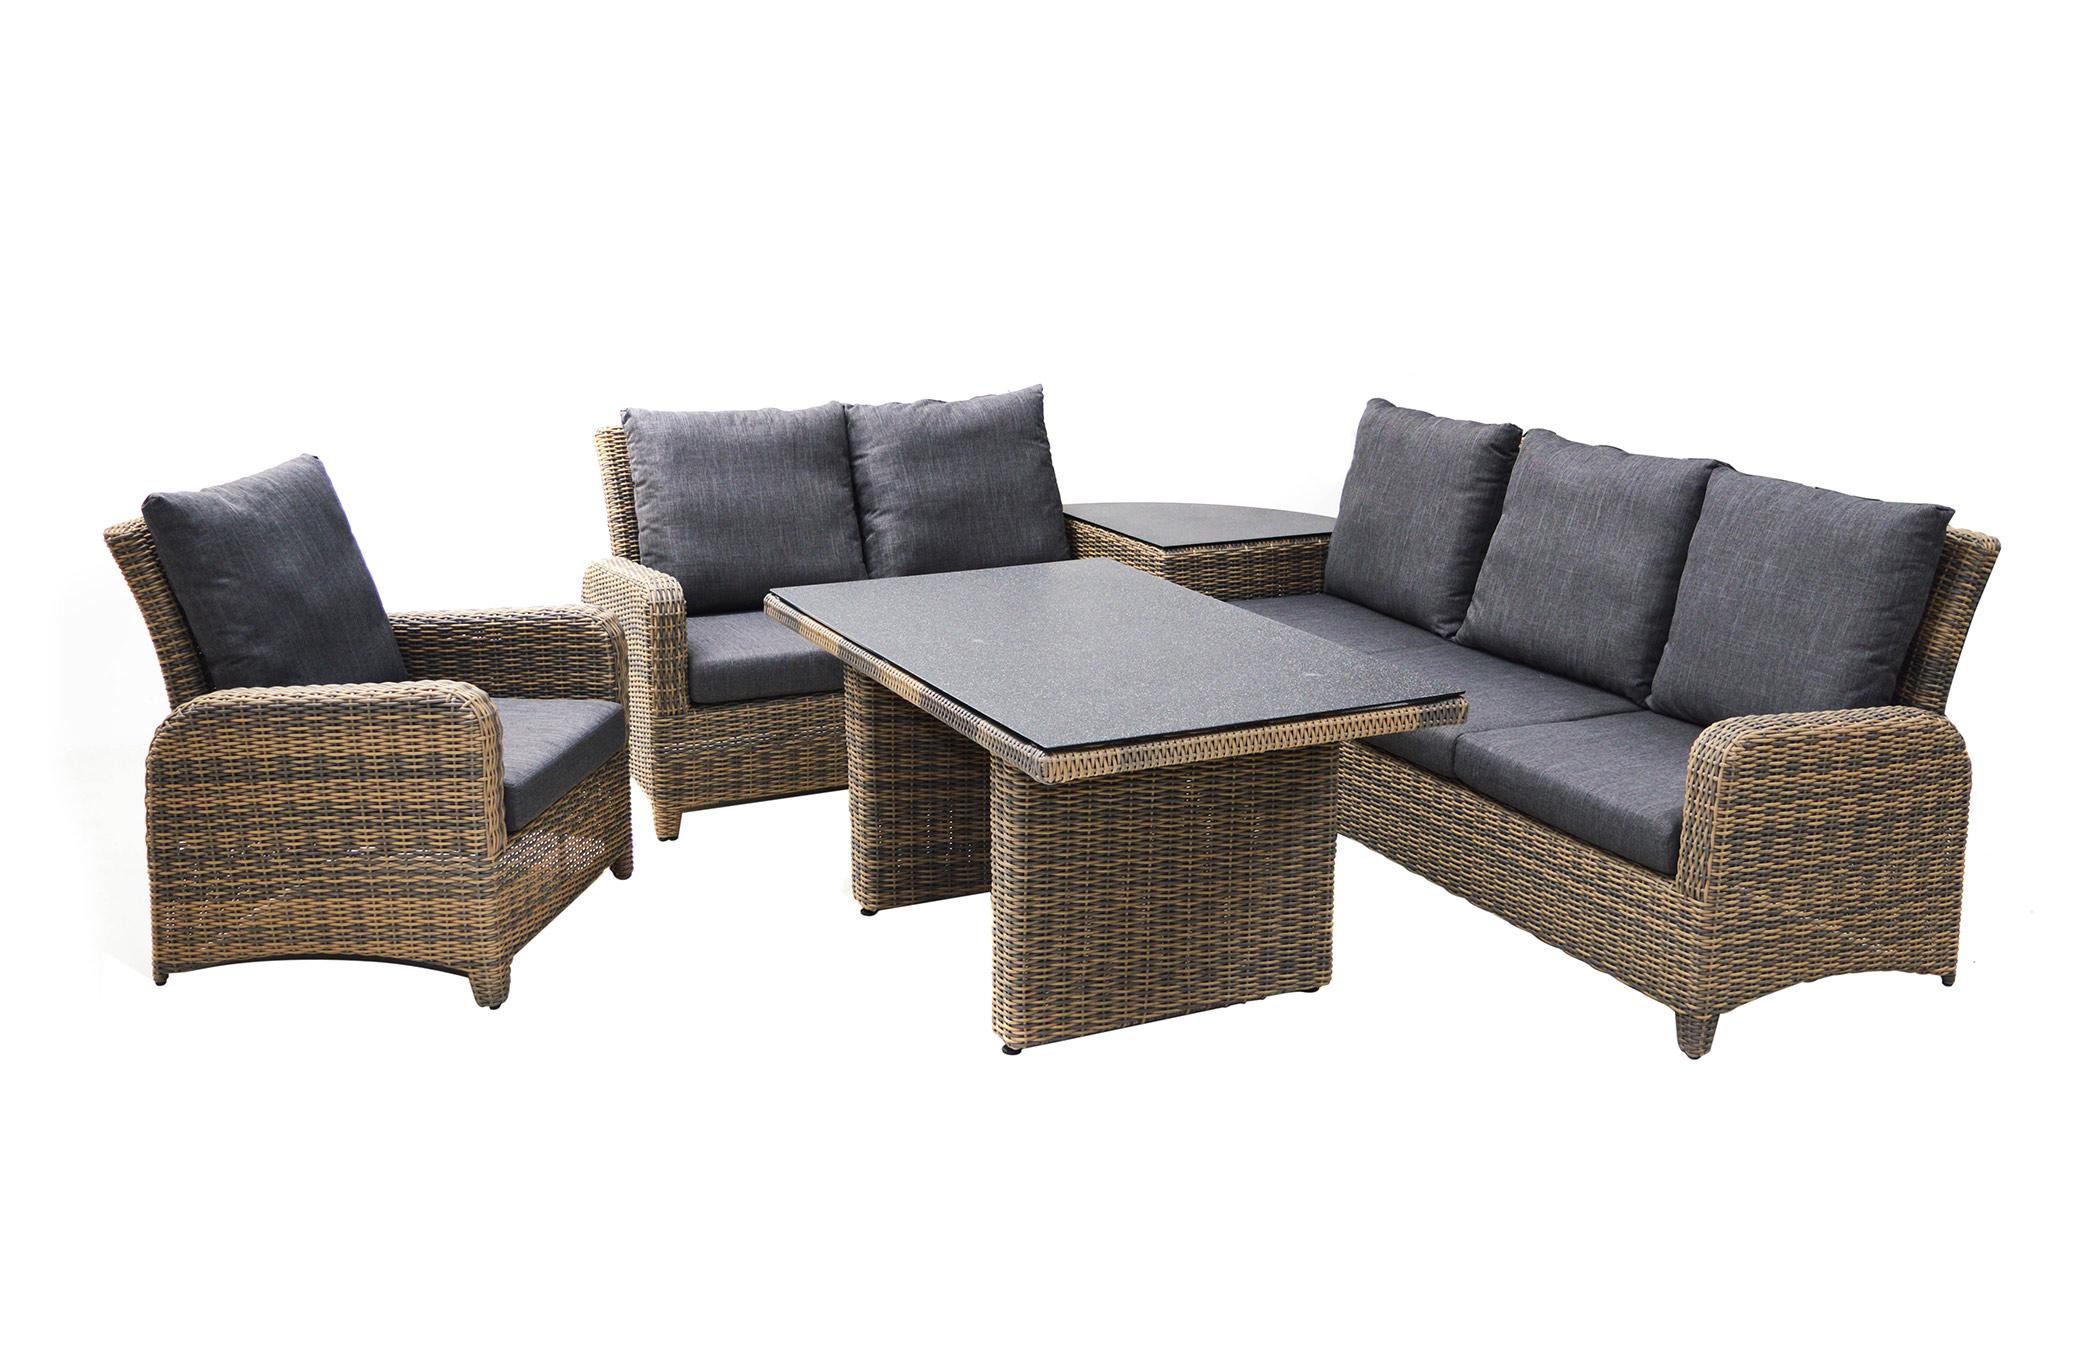 sitzgruppe roxanne polyrattangeflecht loungem bel gartenm bel gardanio ihr online shop. Black Bedroom Furniture Sets. Home Design Ideas